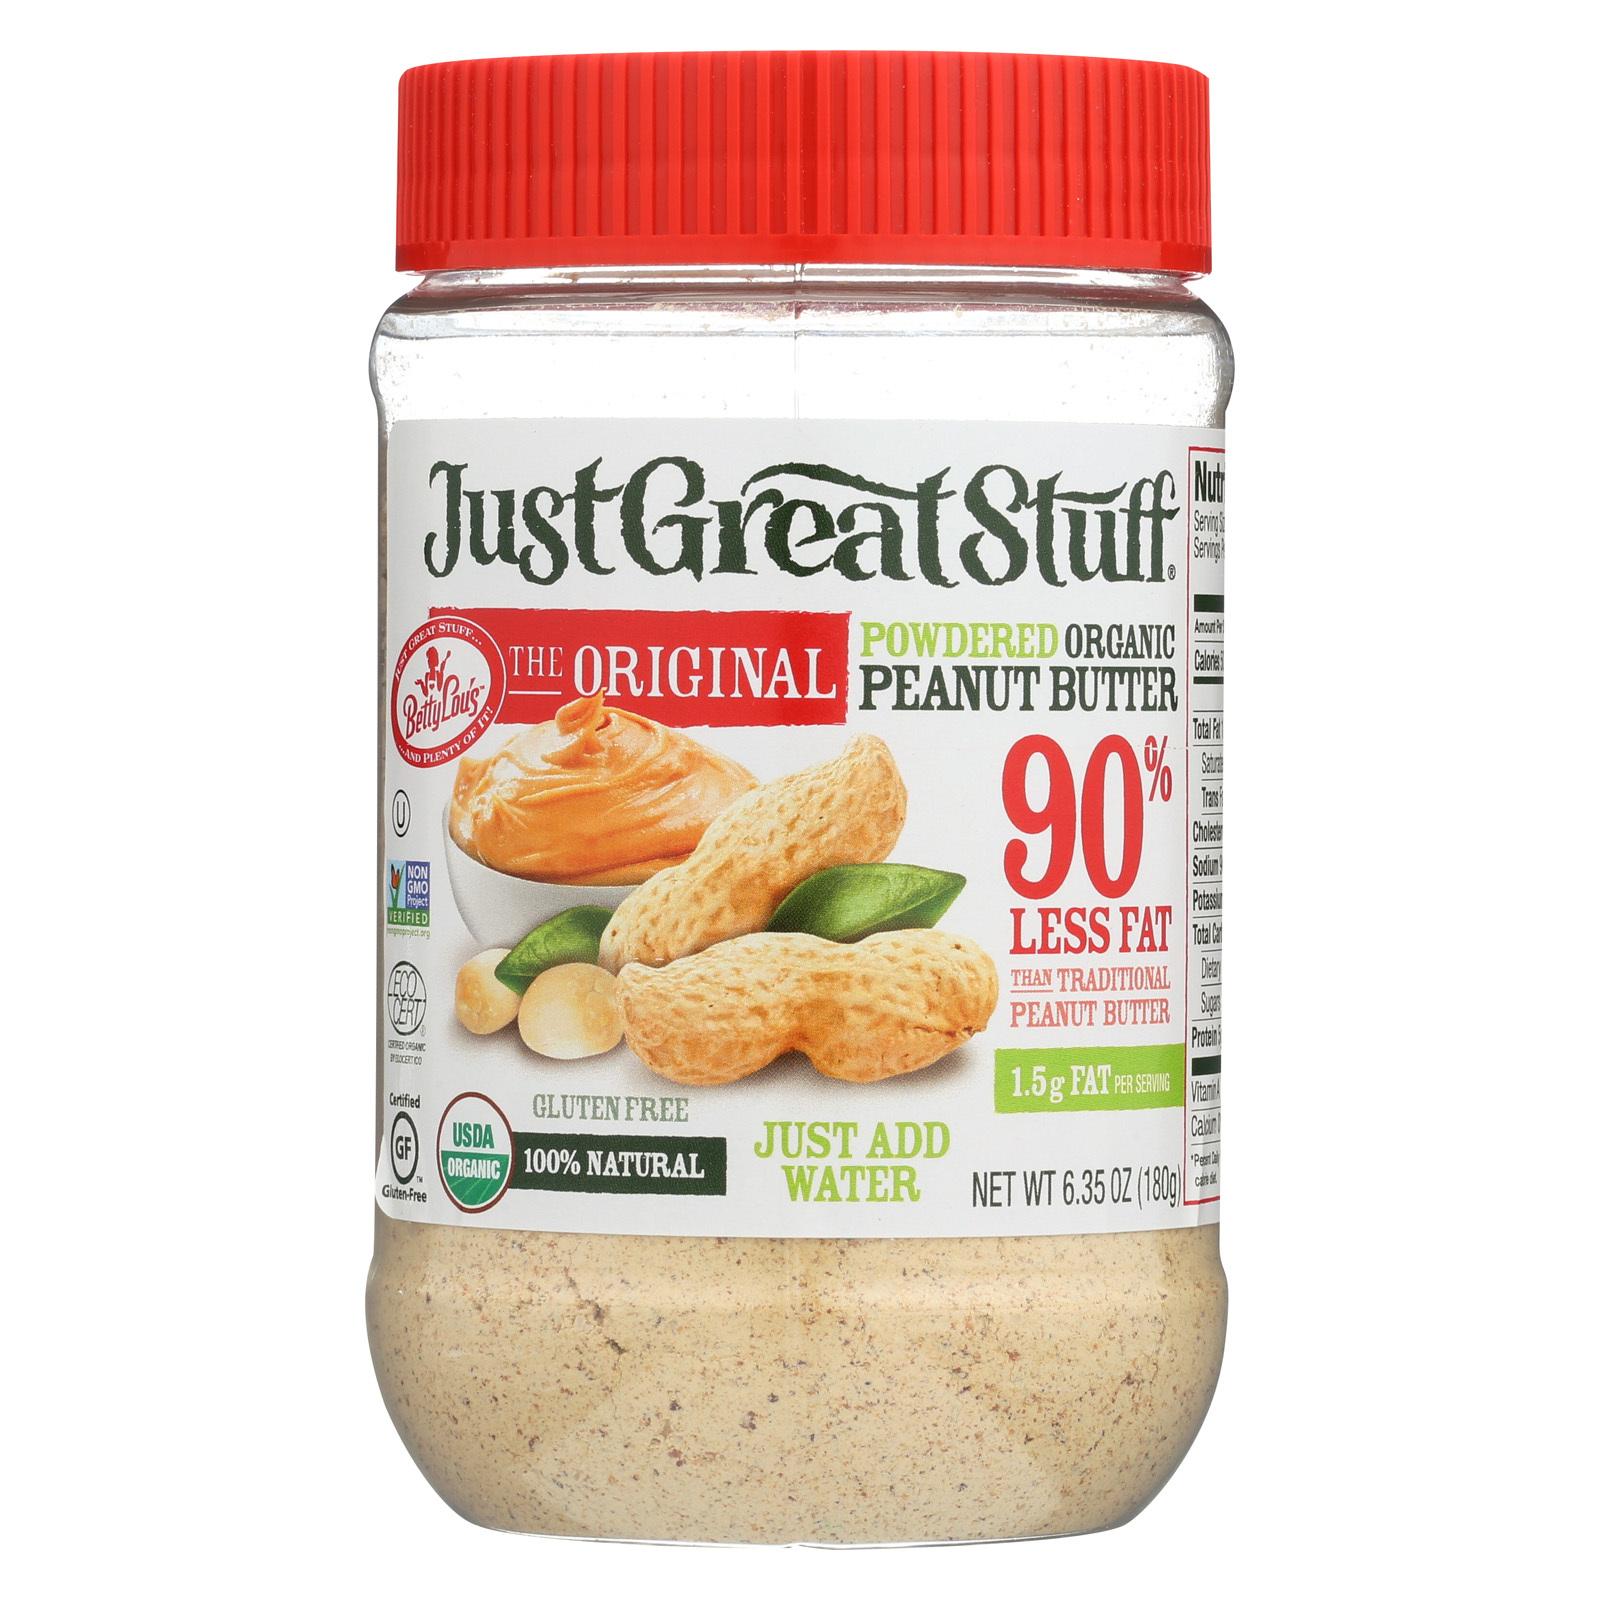 Just Great Stuff Organic Powdered Peanut Butter - 6.35 oz.